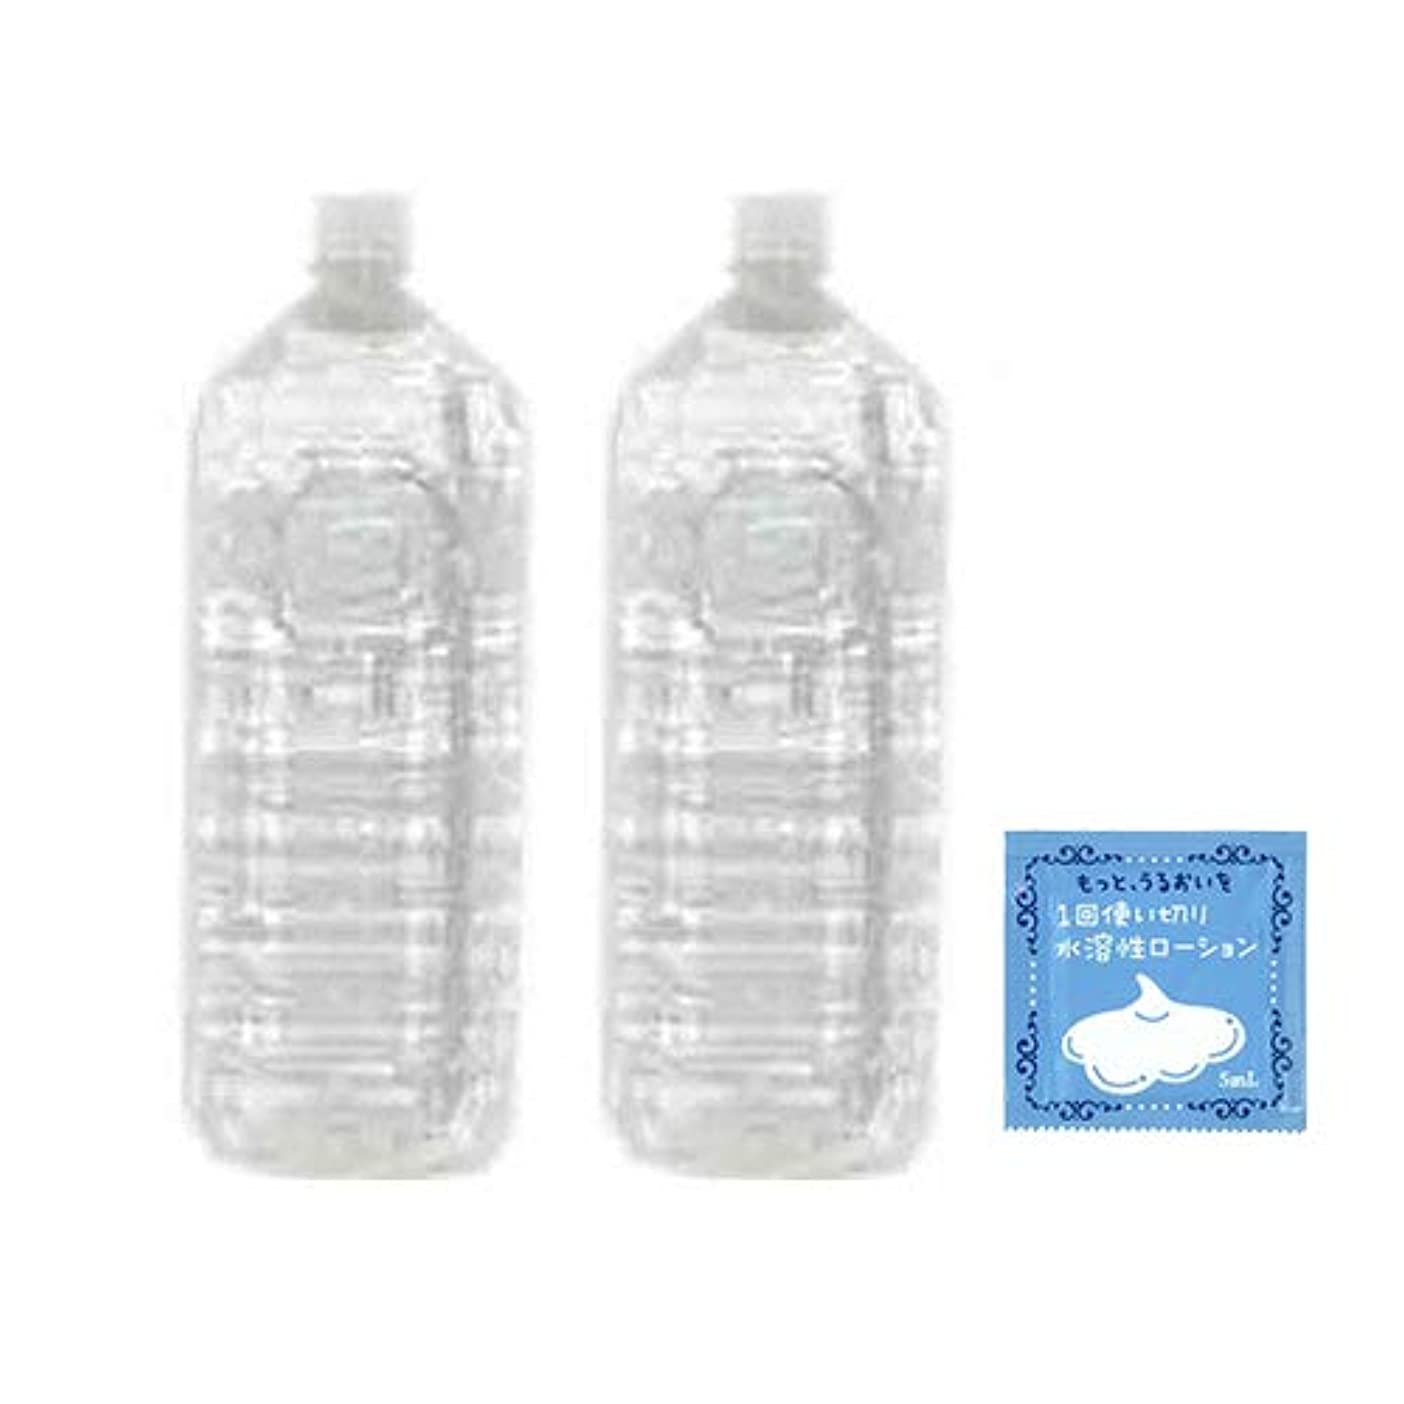 開始わずかな相談クリアローション 2Lペットボトル ハードタイプ(5倍濃縮原液) × 2本セット + 1回使い切り水溶性潤滑ローション